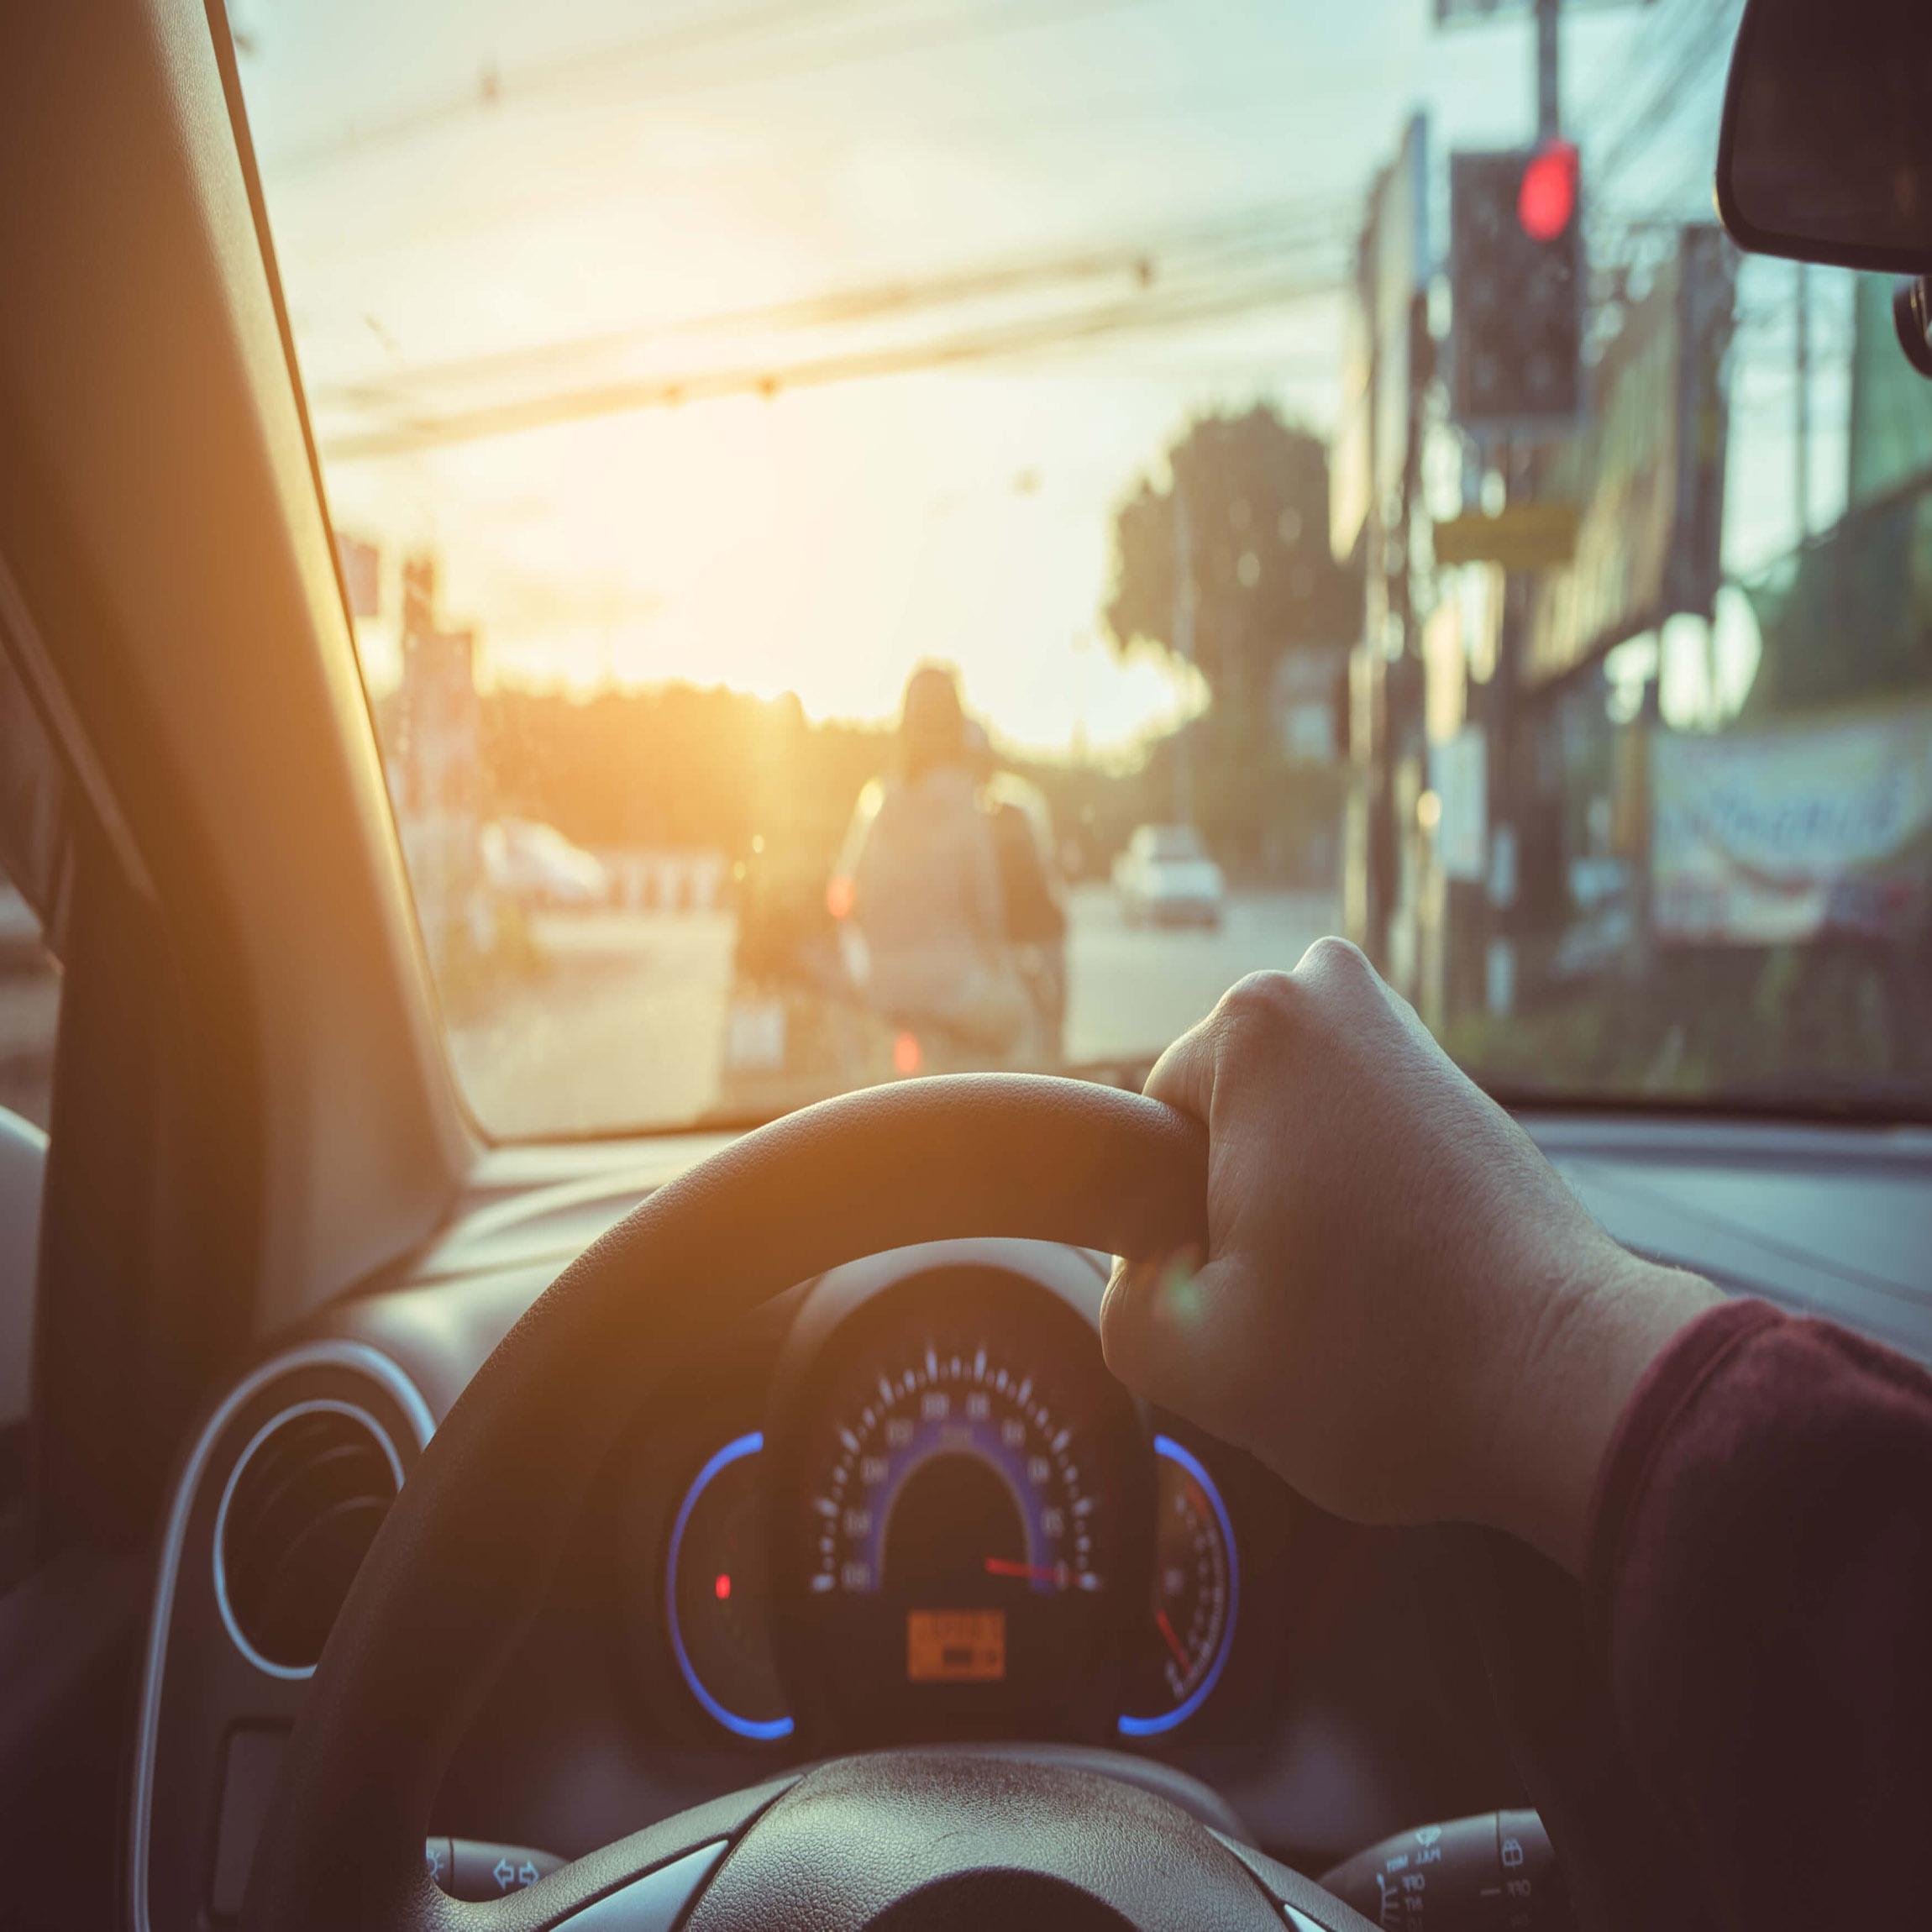 mẹo cho tài xế xe tải khi lái xe đường dài trong nắng